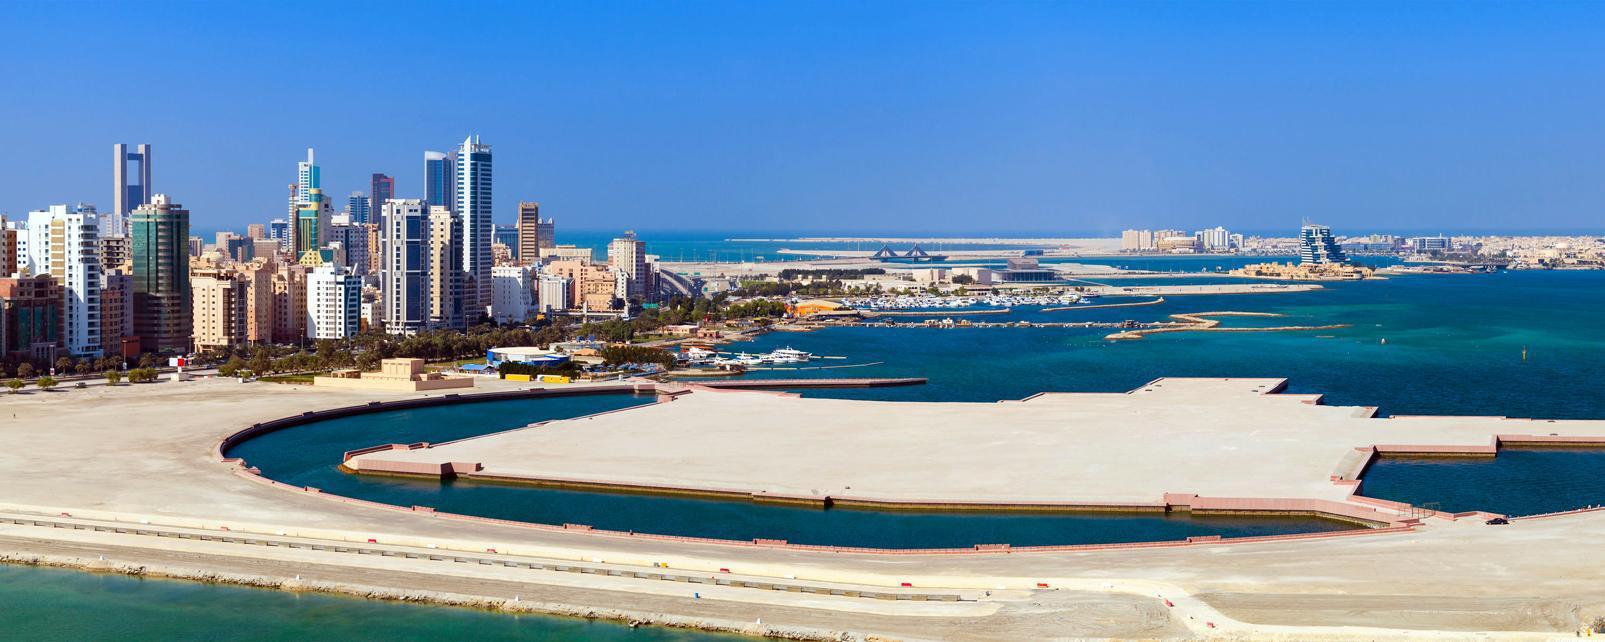 Météo Bahreïn